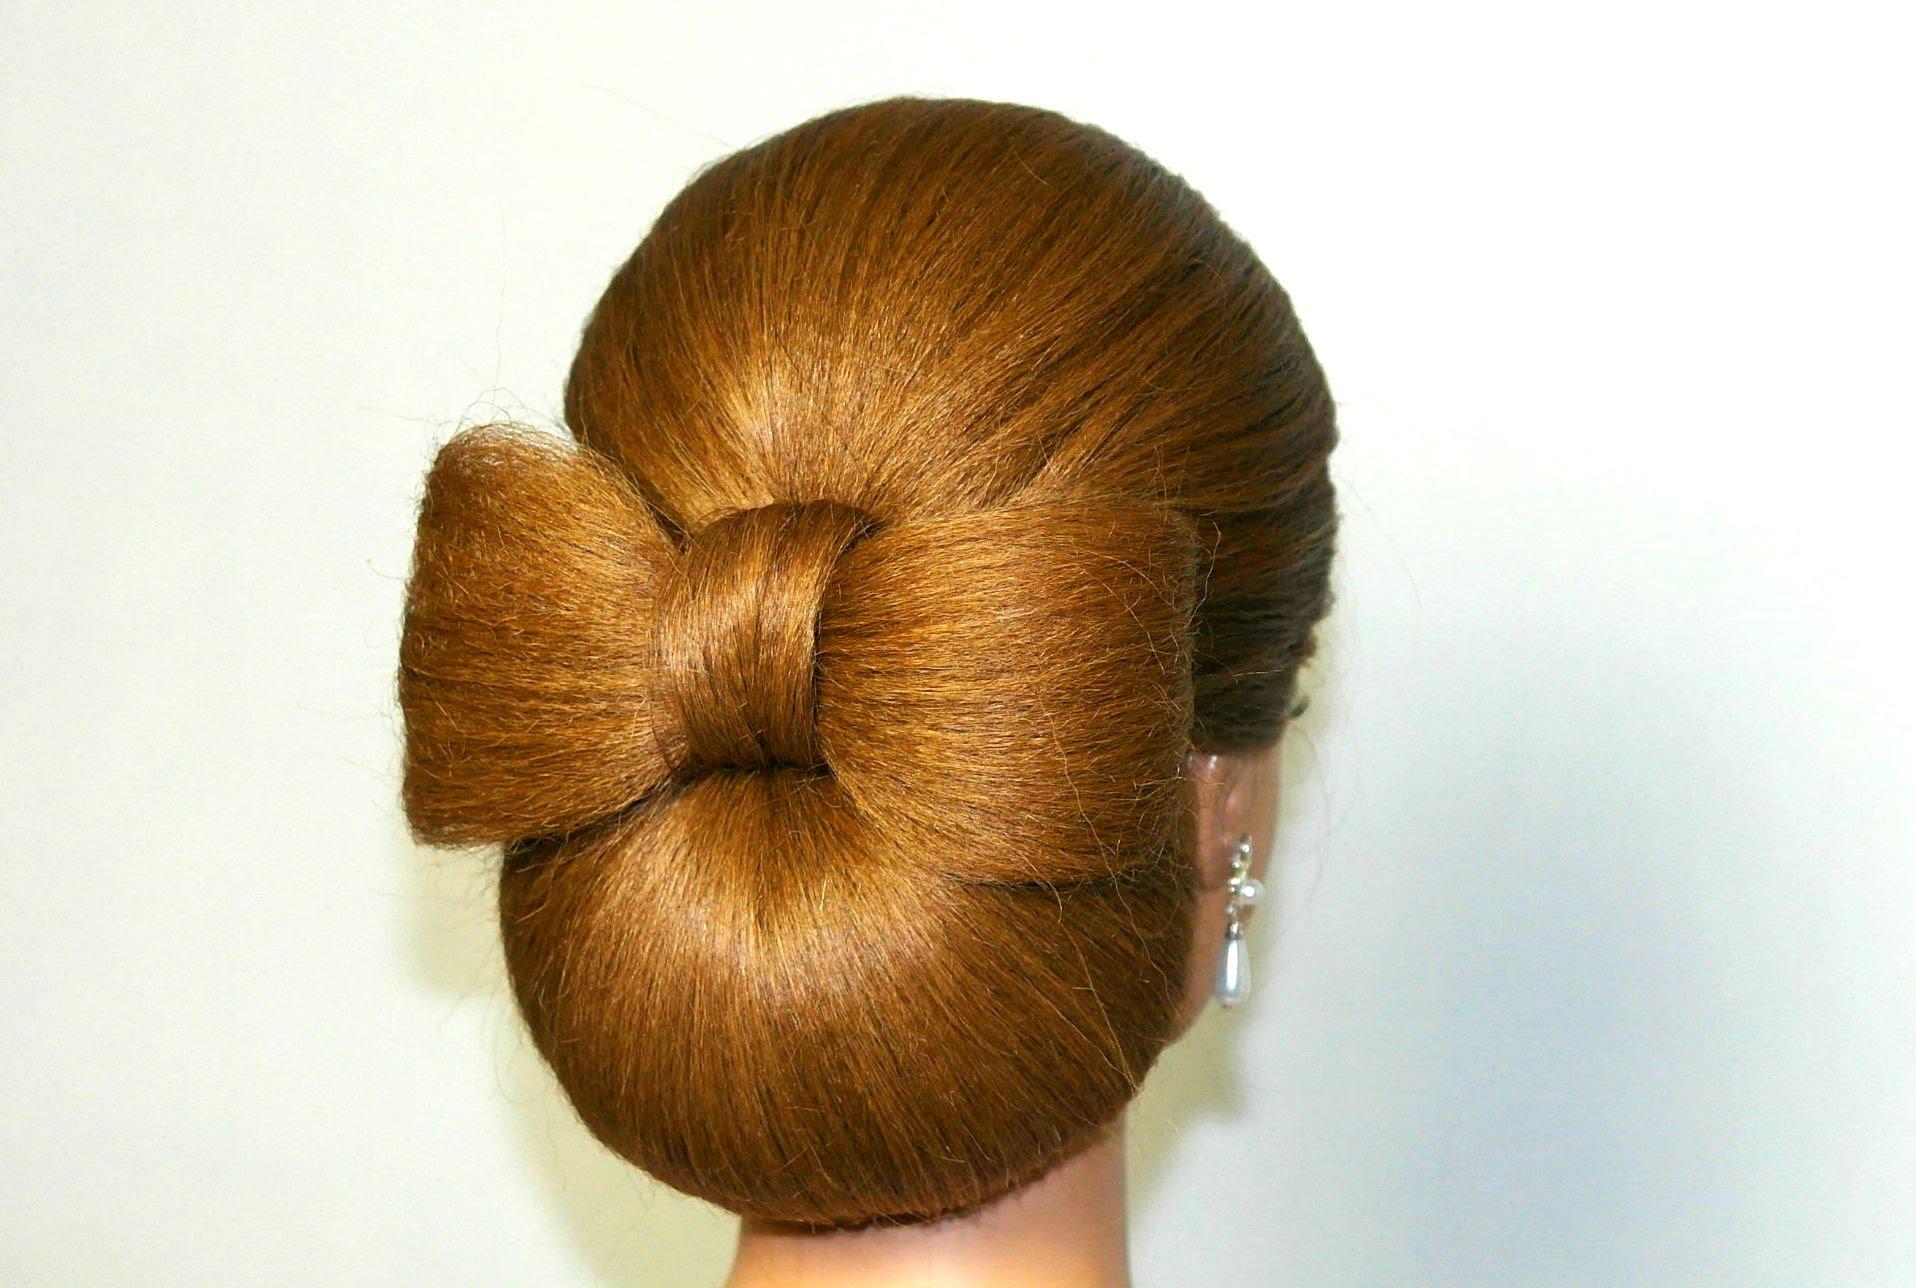 Прическа с валиком на средние волосы пошагово фото